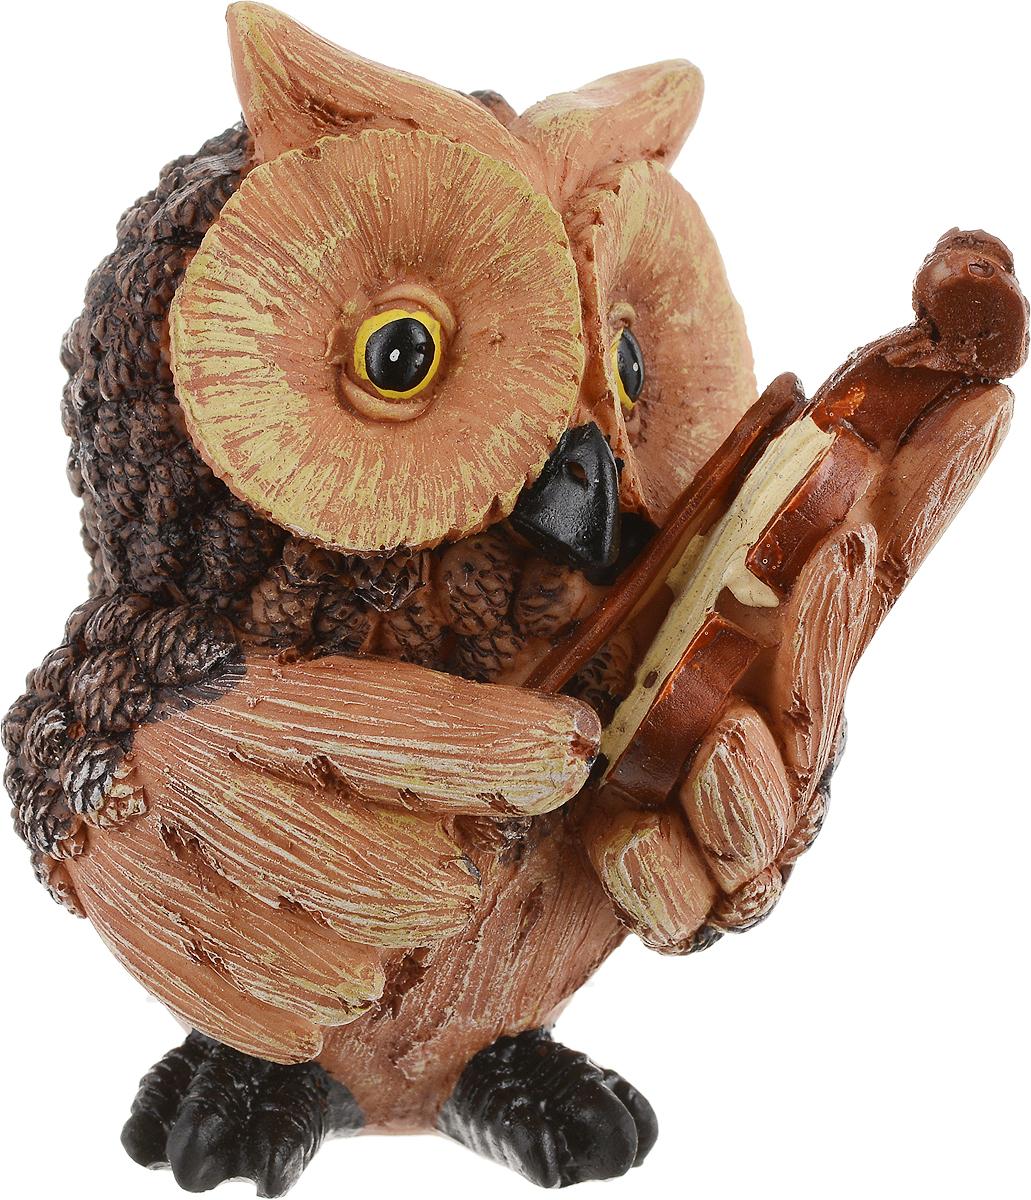 Фигурка декоративная Magic Time Сова со скрипкой. 7566575665Декоративная фигурка Magic Time Сова со скрипкой станет прекрасным дополнением к интерьеру. Изделие, изготовленное из полирезины, выполнено в виде совы. Вы можете поставить фигурку в любом месте, где она будет удачно смотреться и радовать глаз.Такая фигурка станет отличным подарком для близких и друзей.Размеры: 8 х 6 х 9 см.